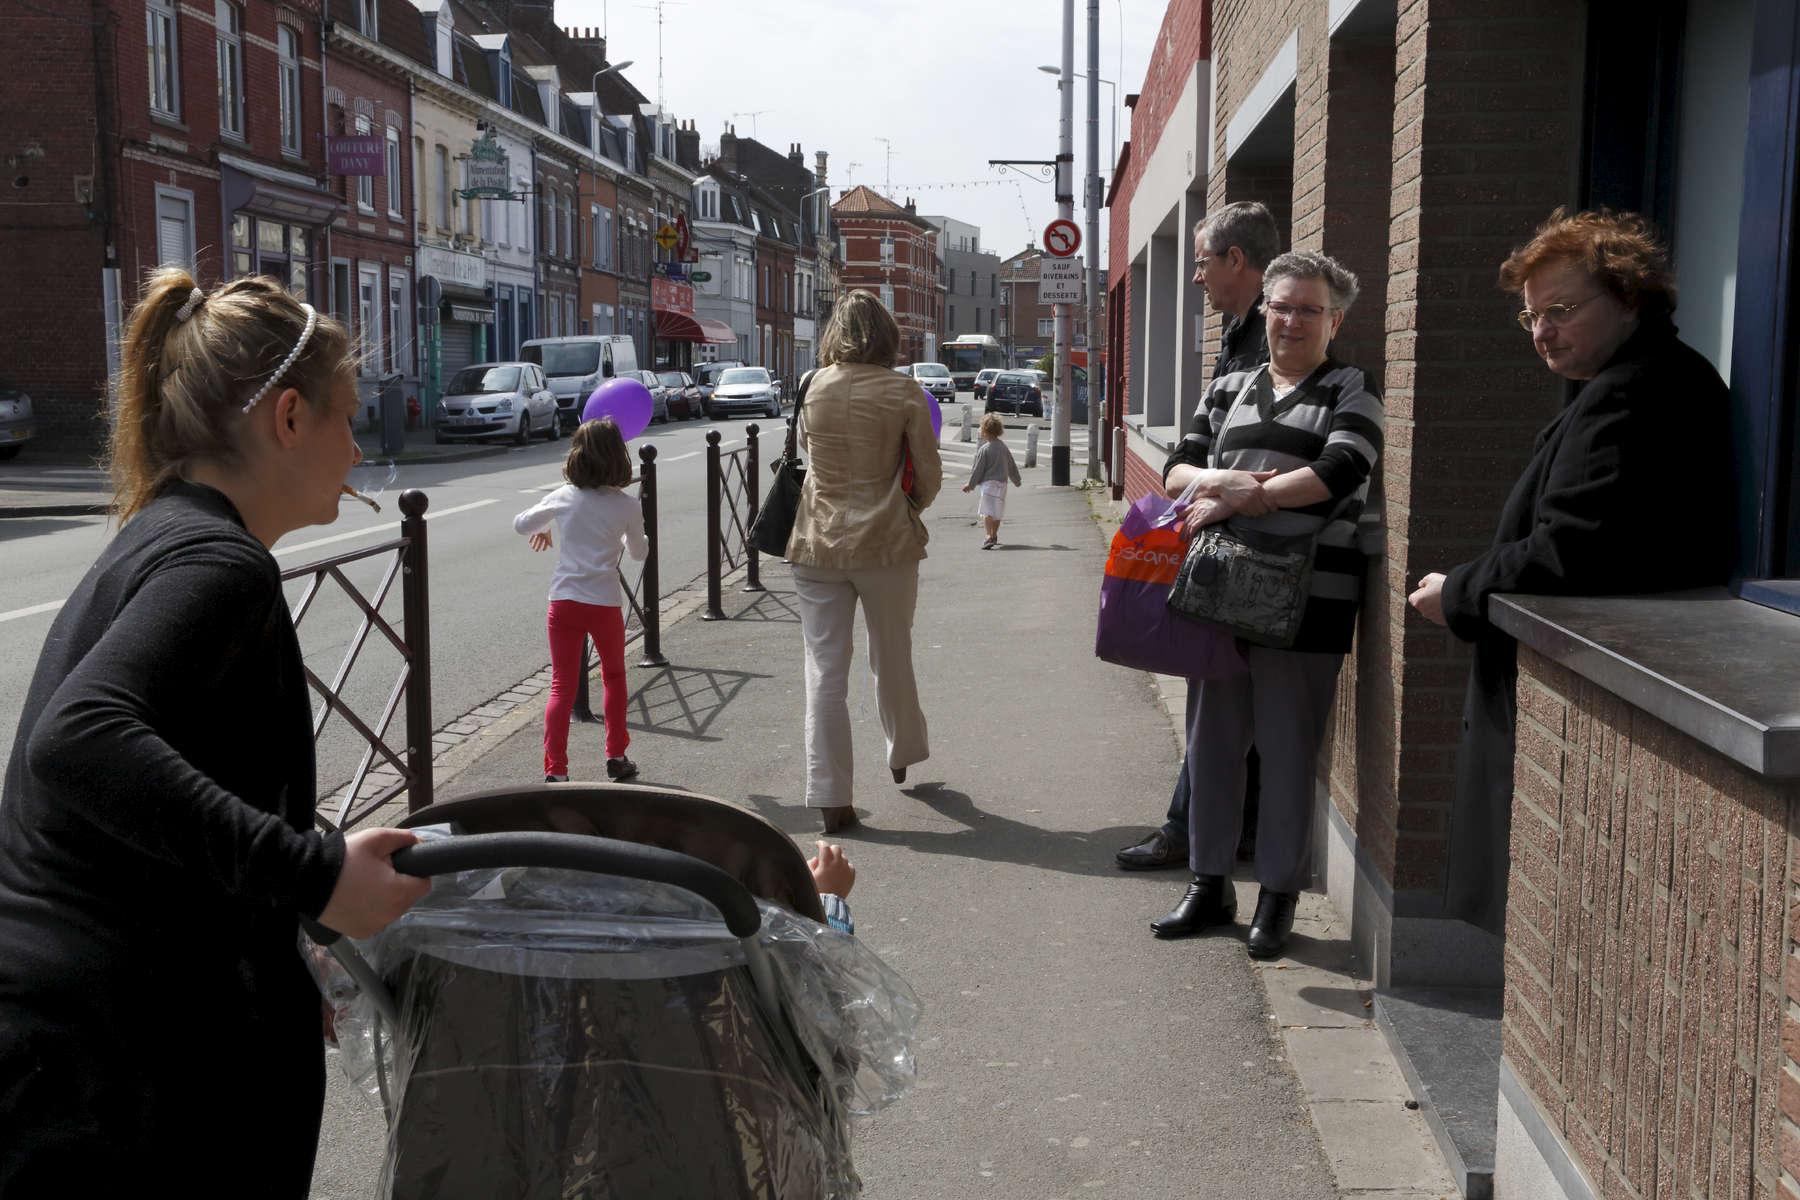 Quand je suis dans la rue avec la poussette, je peux sentir le regard des gens peser sur moi. Pourtant ils ne connaissent rien de mon histoire ; alors pourquoi me jugent-ils ?, Stacy. Hellemmes, France.